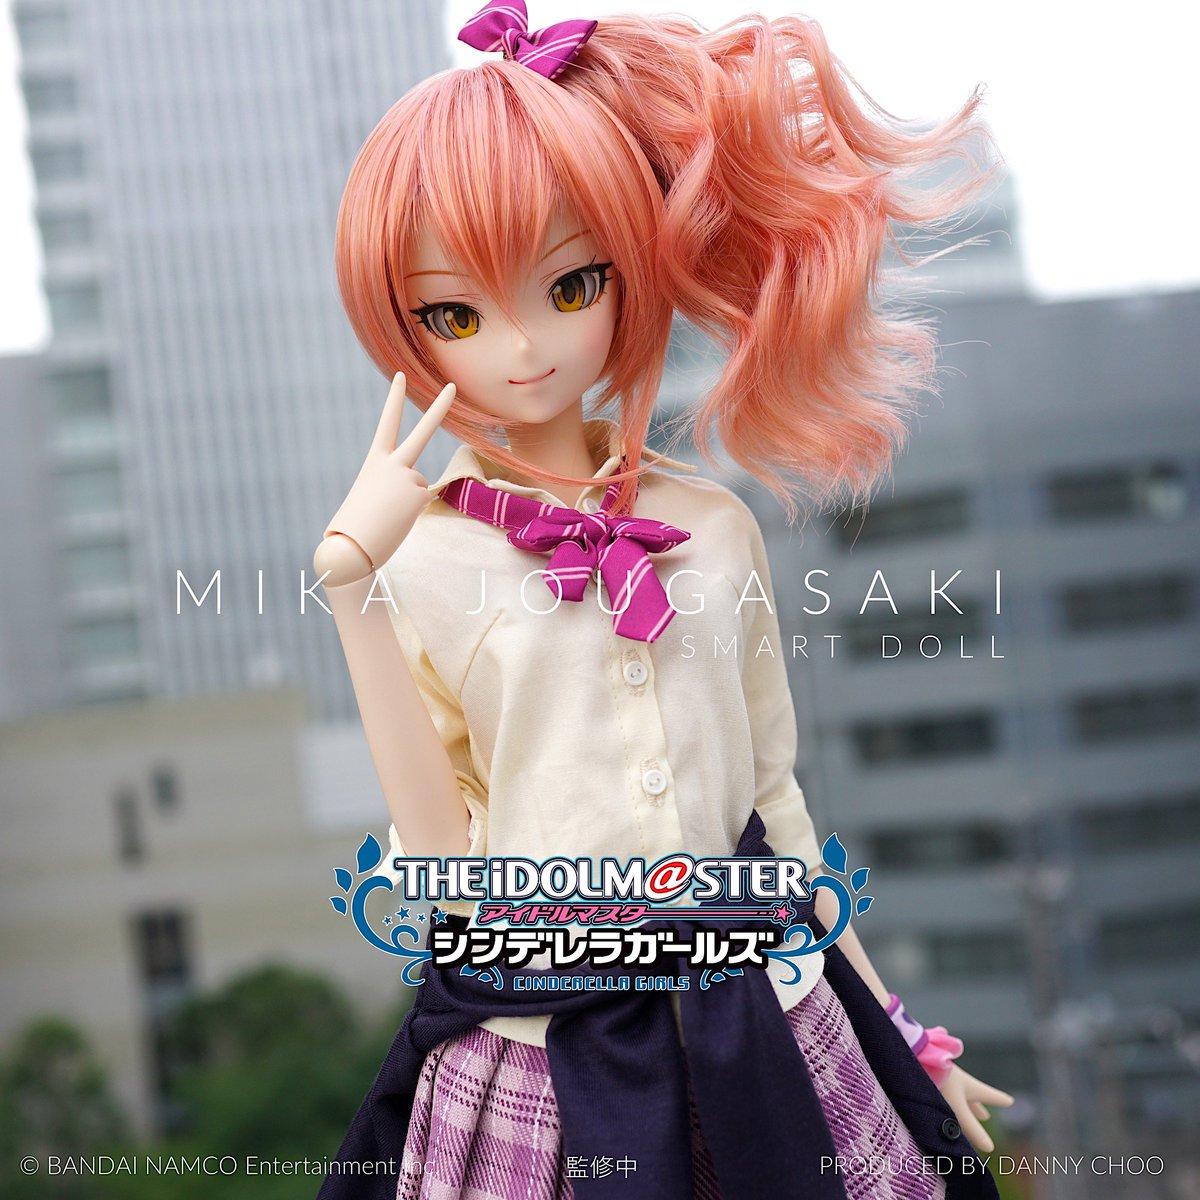 [Smart Doll] The Idolmaster ✩ Mika Jougasaki - Page 3 DgSSDL0UwAEYQaI